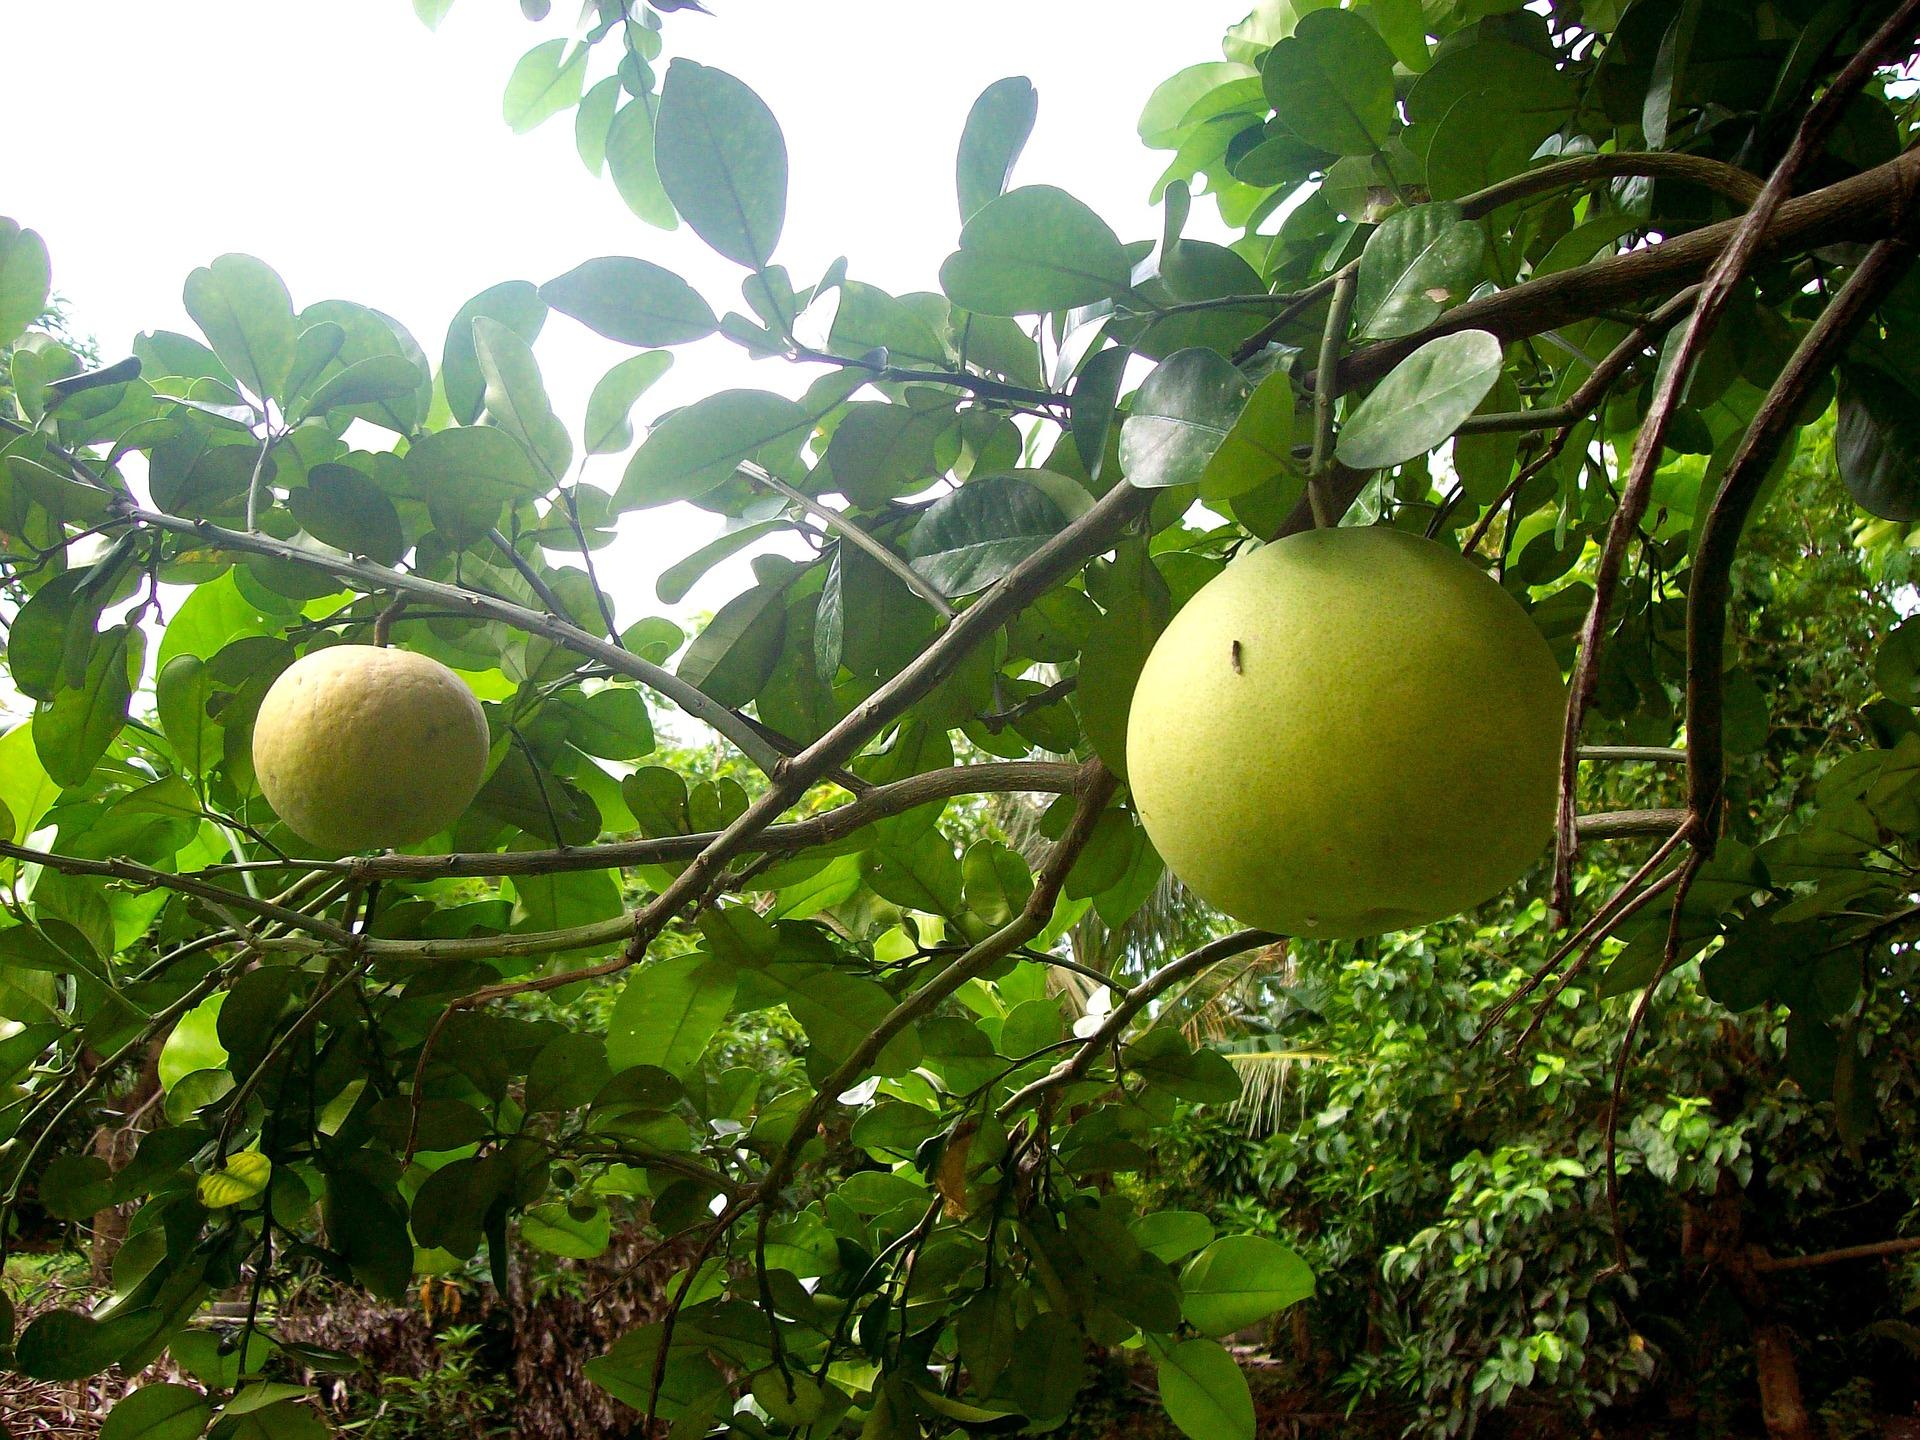 柚子也含丰富的钾,对维护心脏健康、正常血压有帮助。-图取自Pixabay-